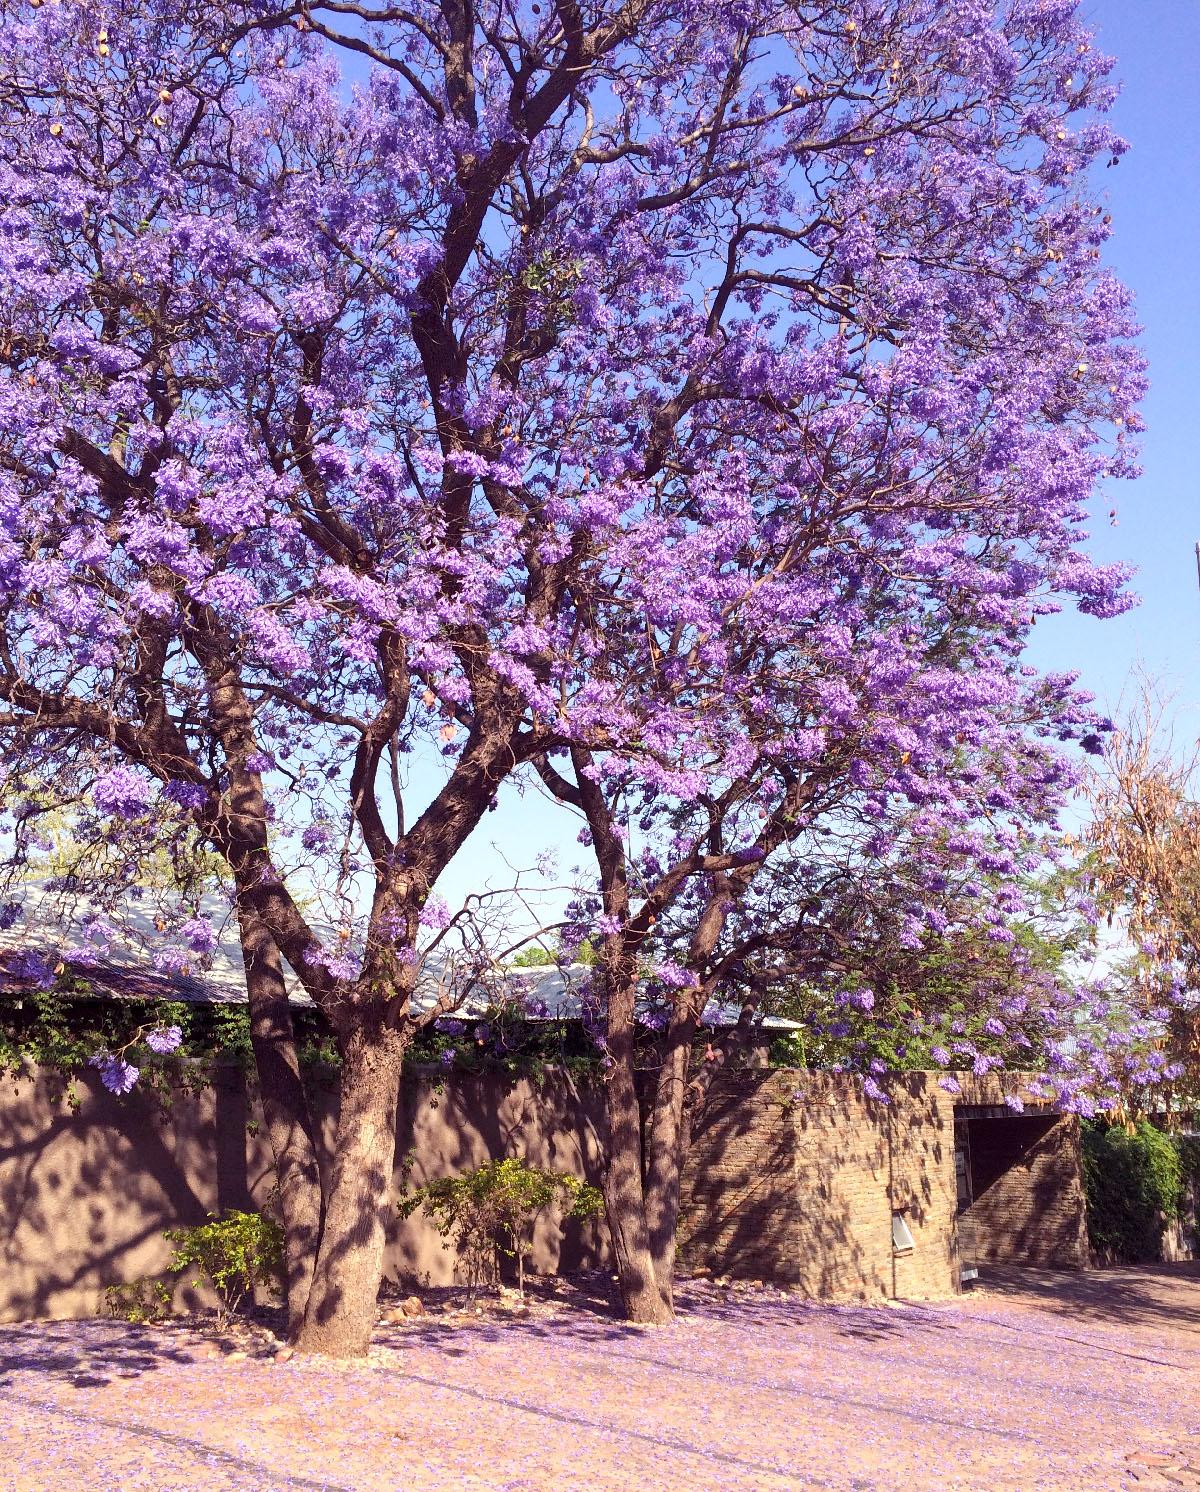 南部アフリカに多い、ジャカランダの木